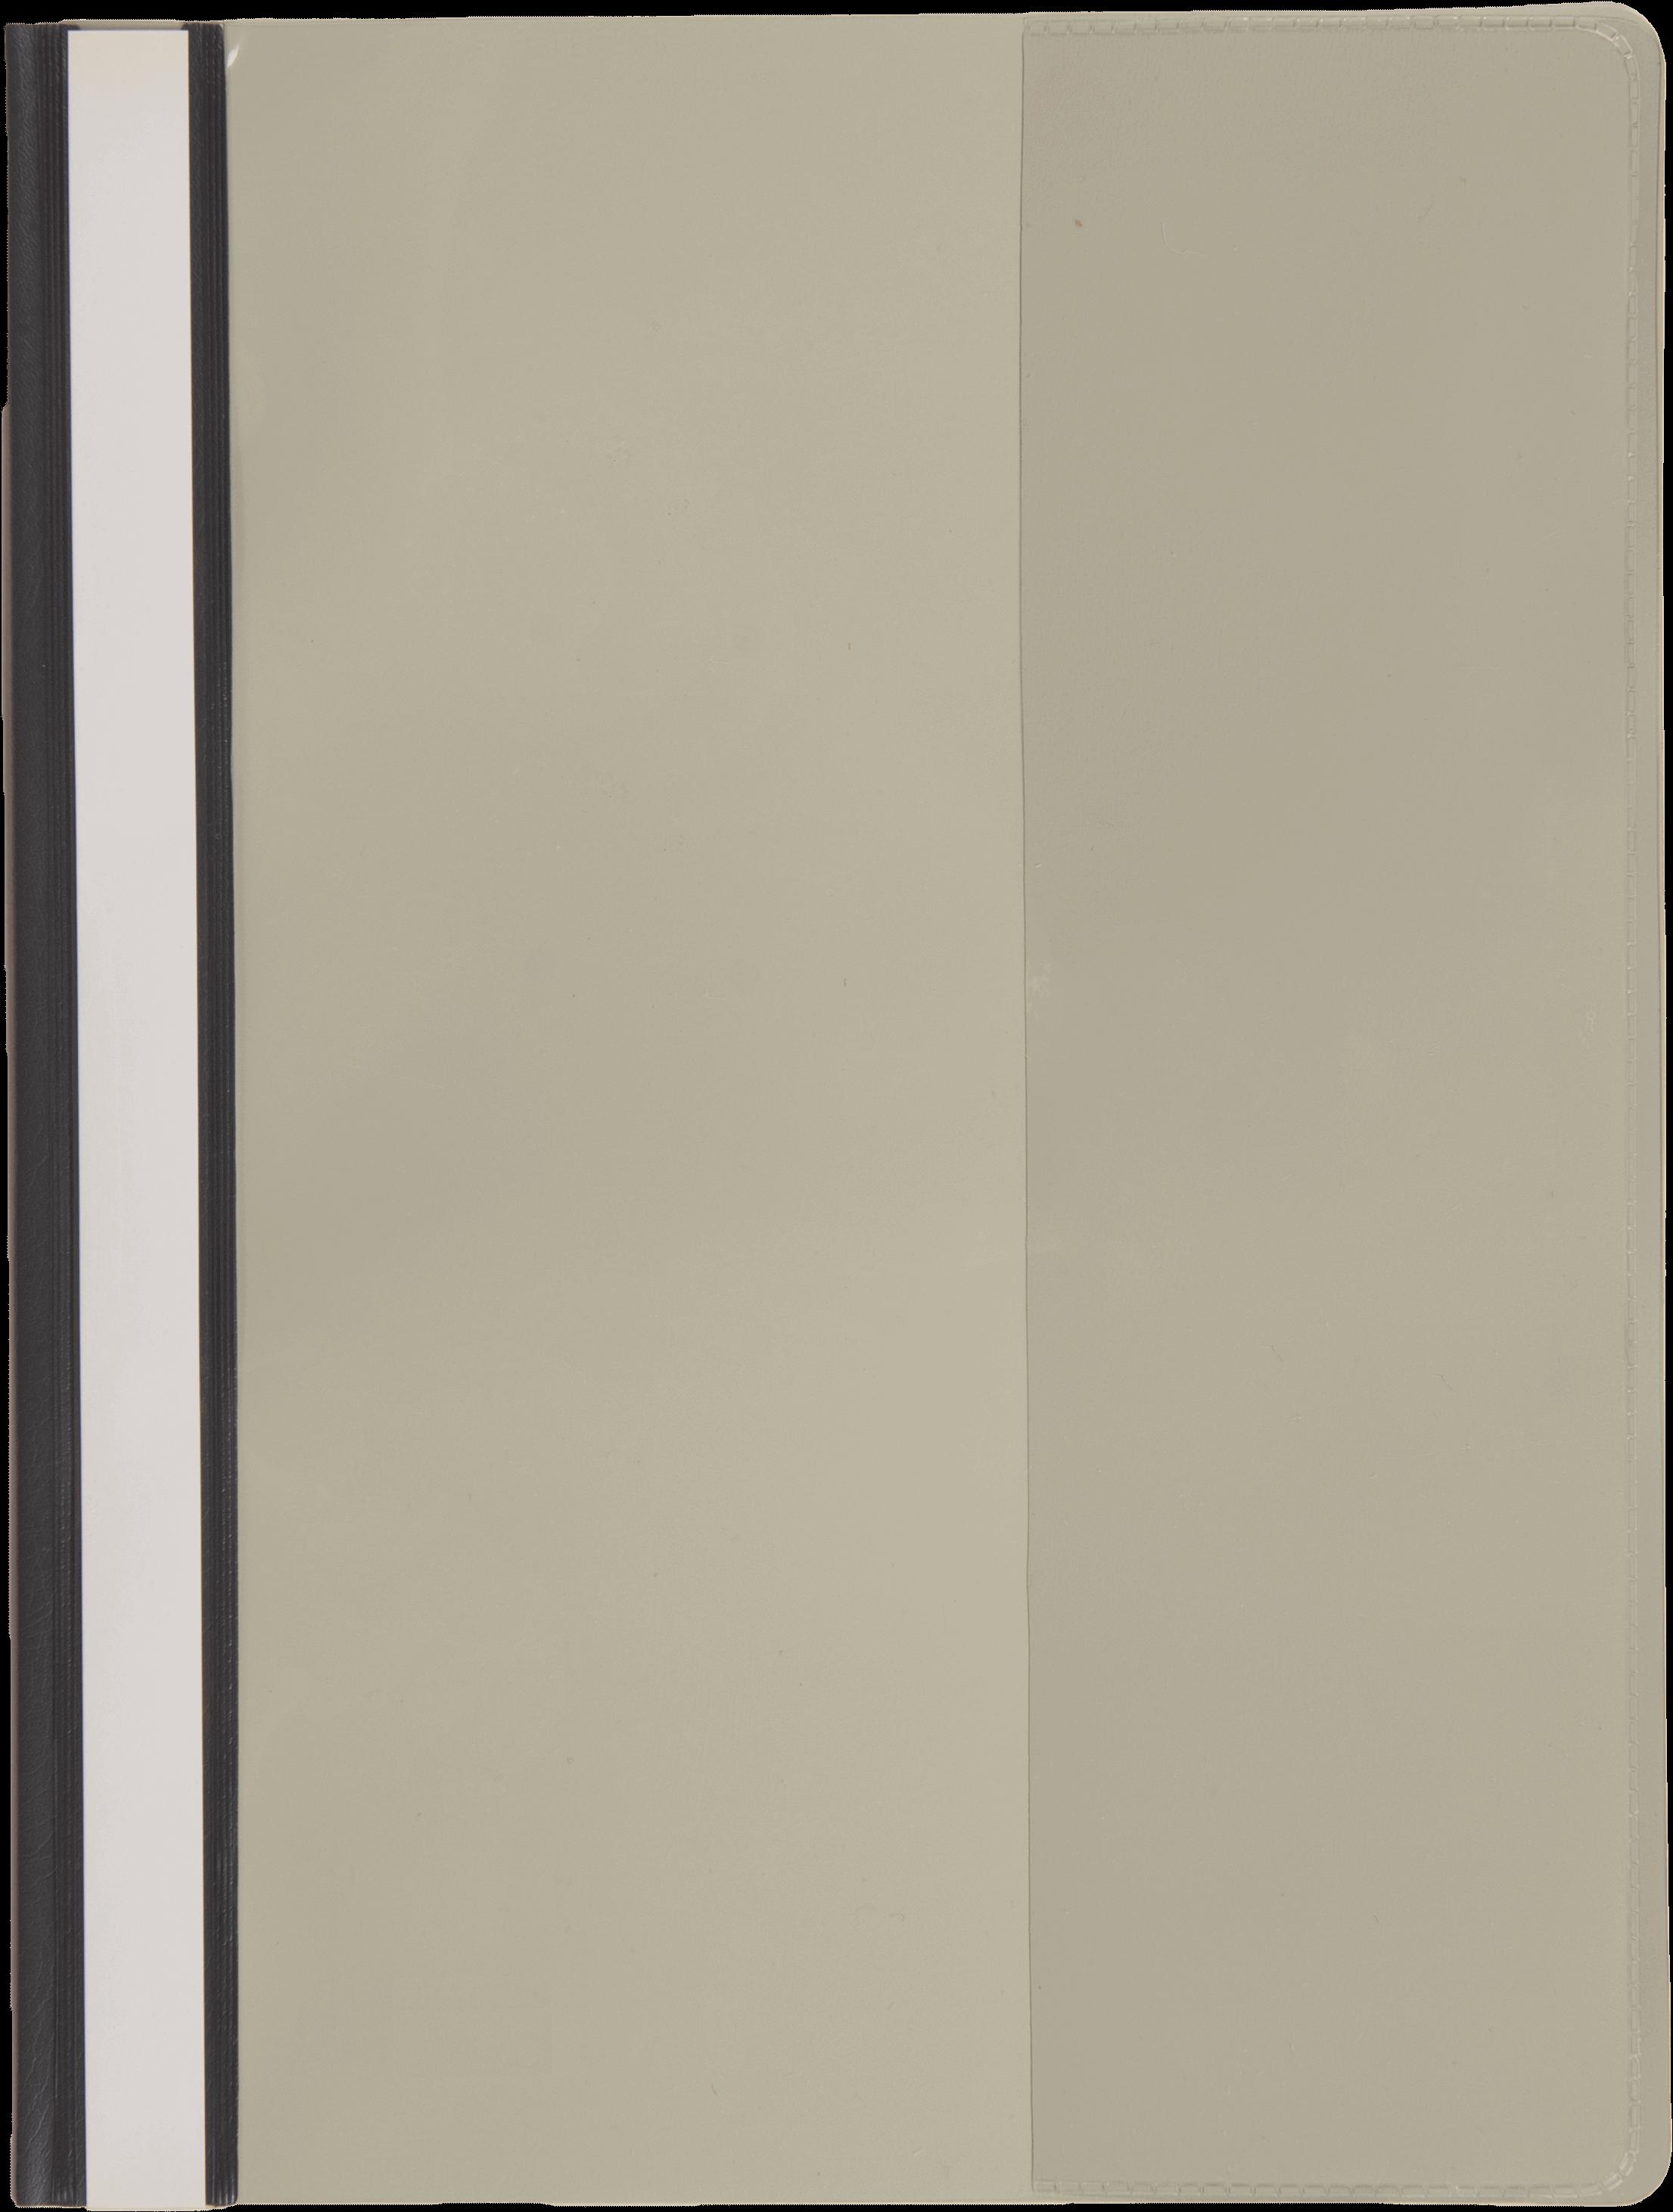 แฟ้มเจาะพลาสติก Bennon LW-320 สีเทา A4